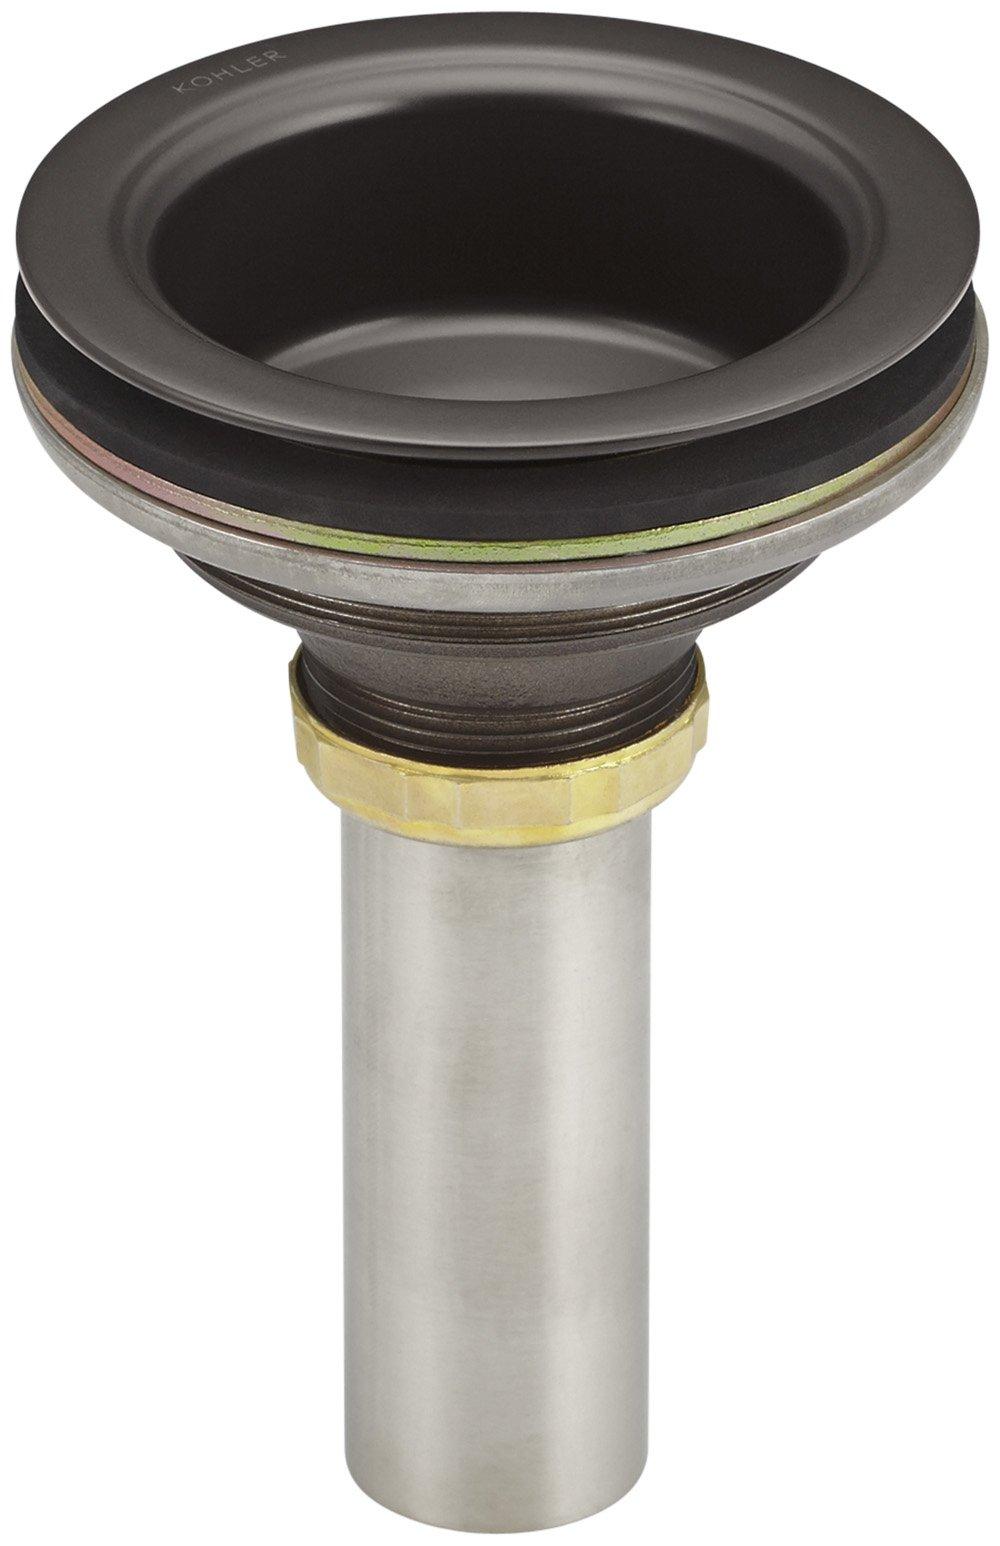 Kohler K-8804-2BZ Duostrainer Strainer Body, Oil Rubbed Bronze